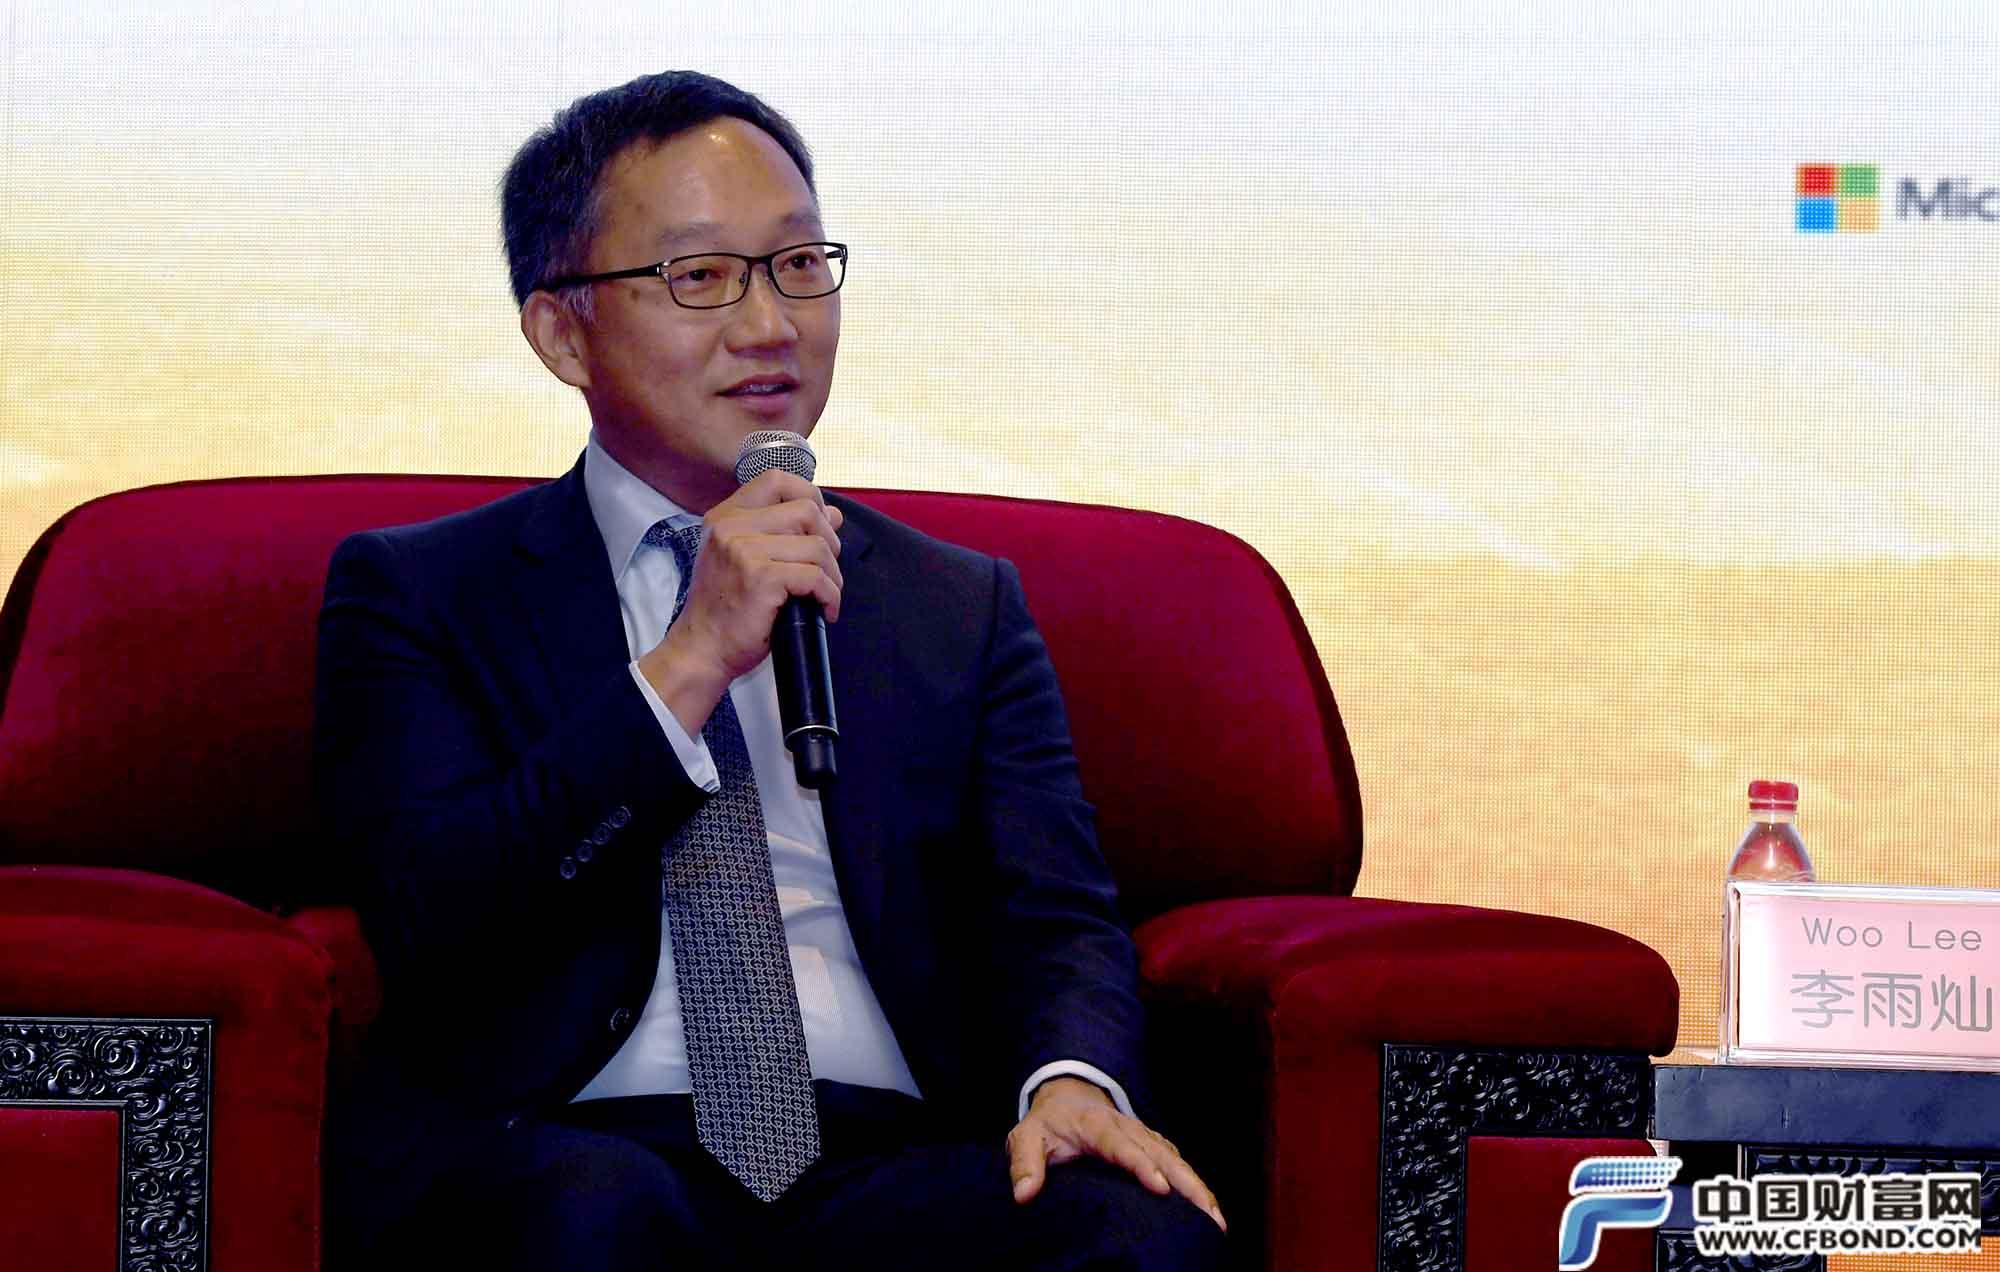 巴里克黄金大中华区总裁李雨灿发言